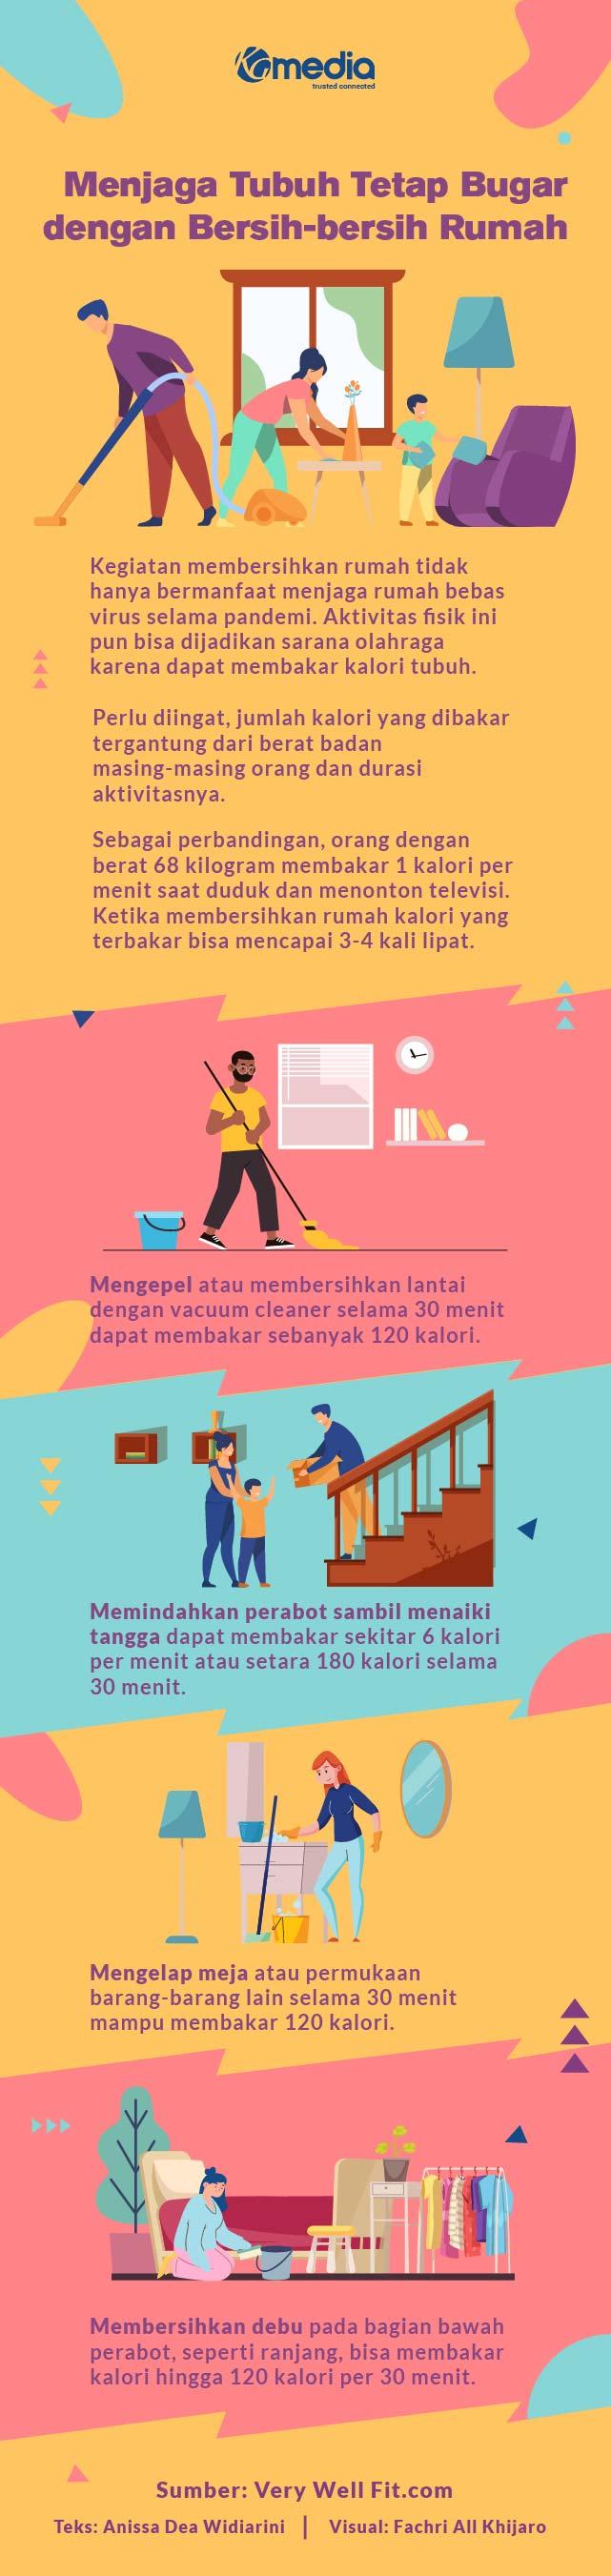 Menjaga Tubuh Tetap Bugar dengan Bersih-bersih Rumah